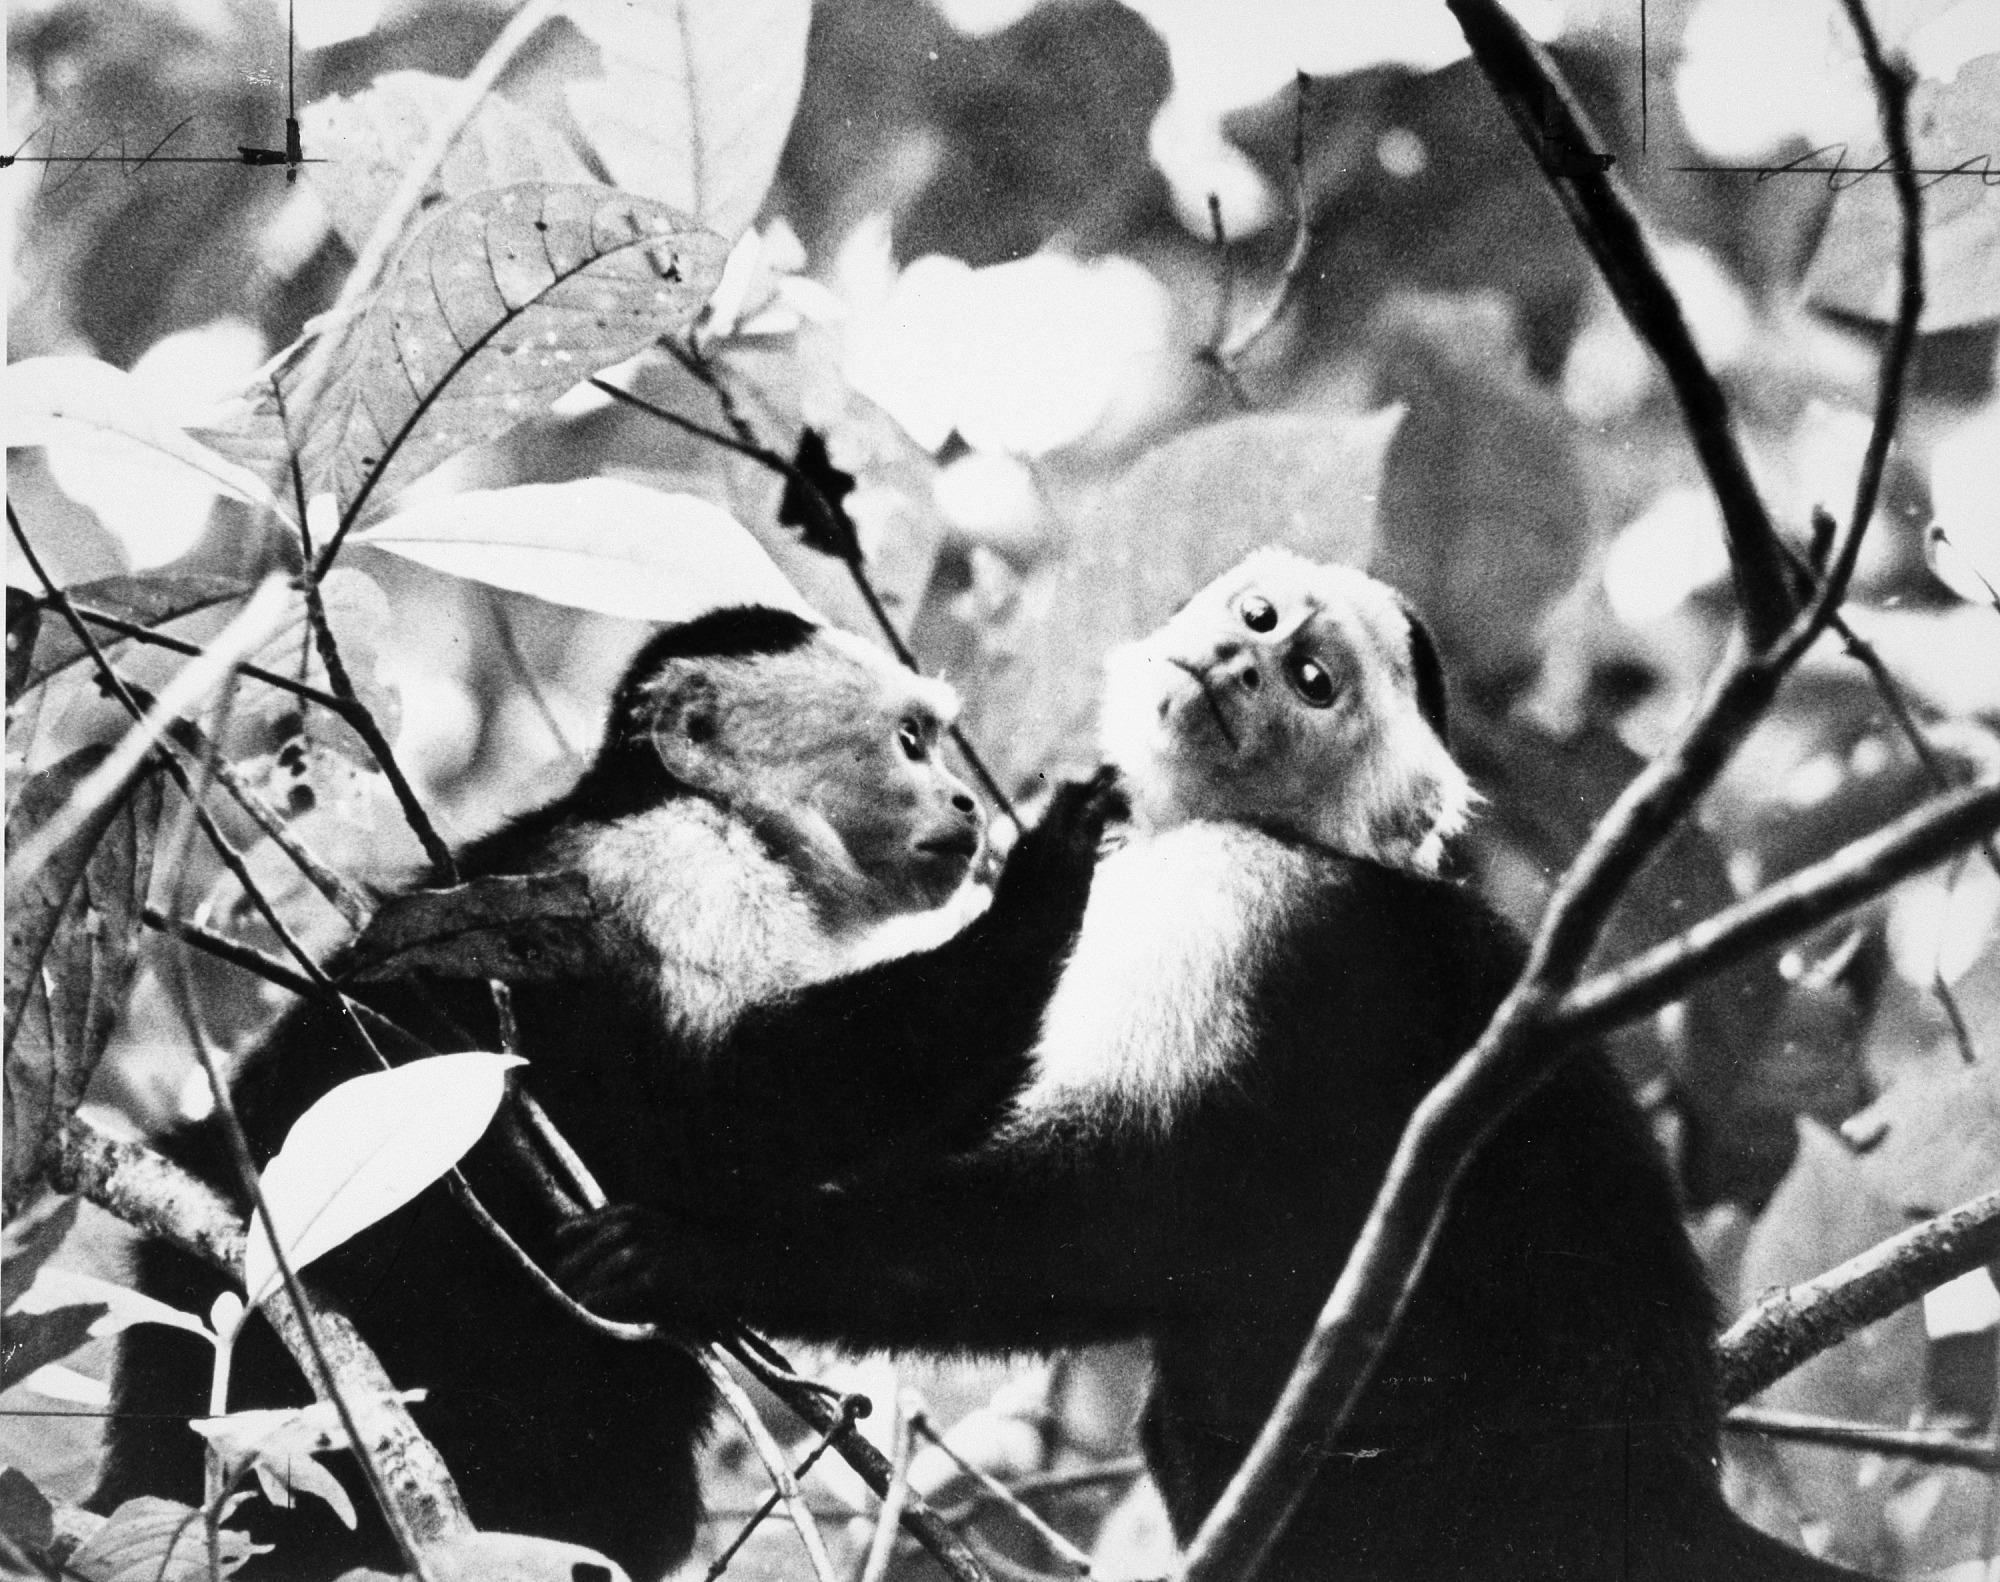 Two Cebas Monkeys at STRI